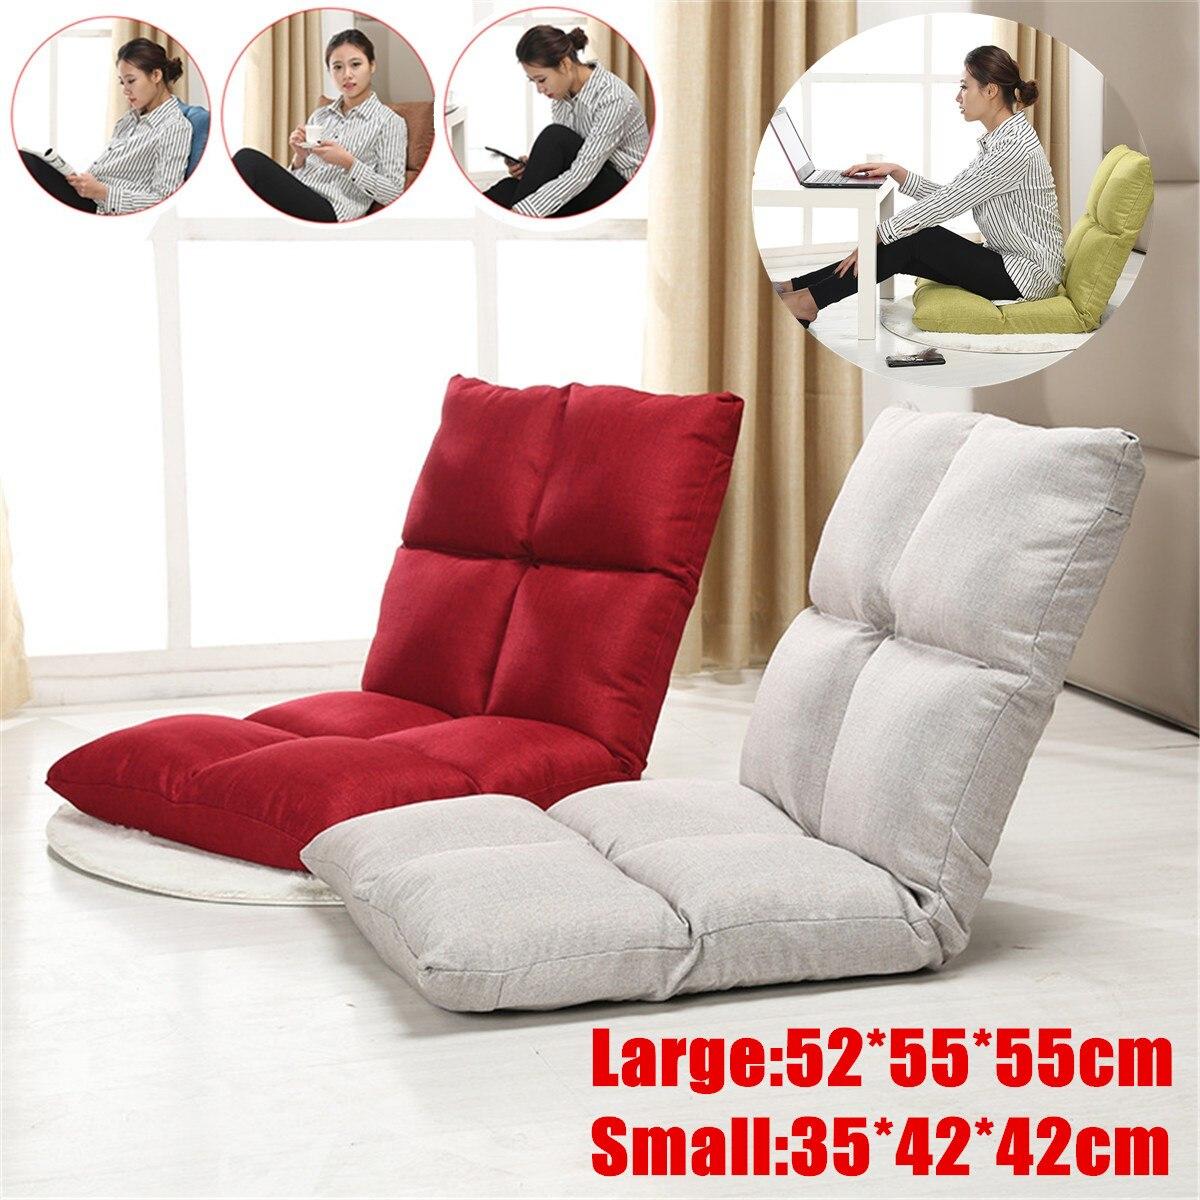 Grand petit canapés paresseux Tatami lit pliant siège arrière pouf canapé Tatami salon chambre petit lit